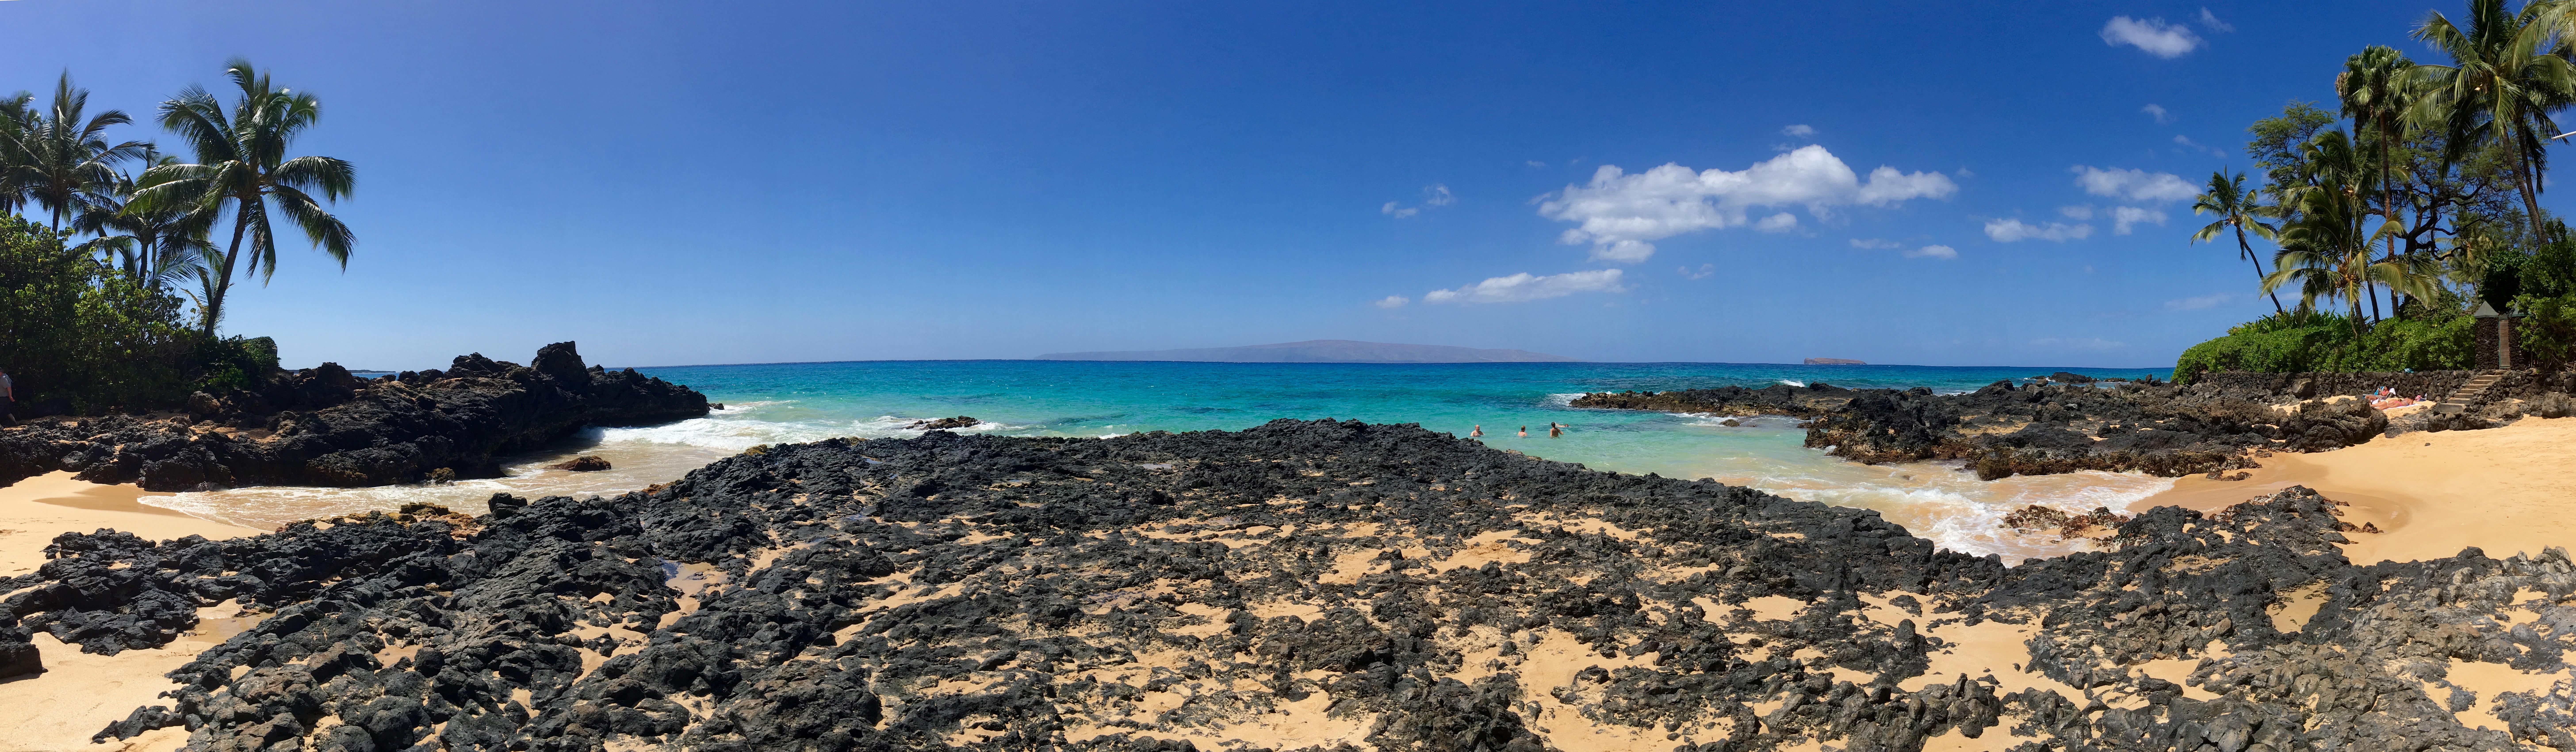 Pa'ako Beach